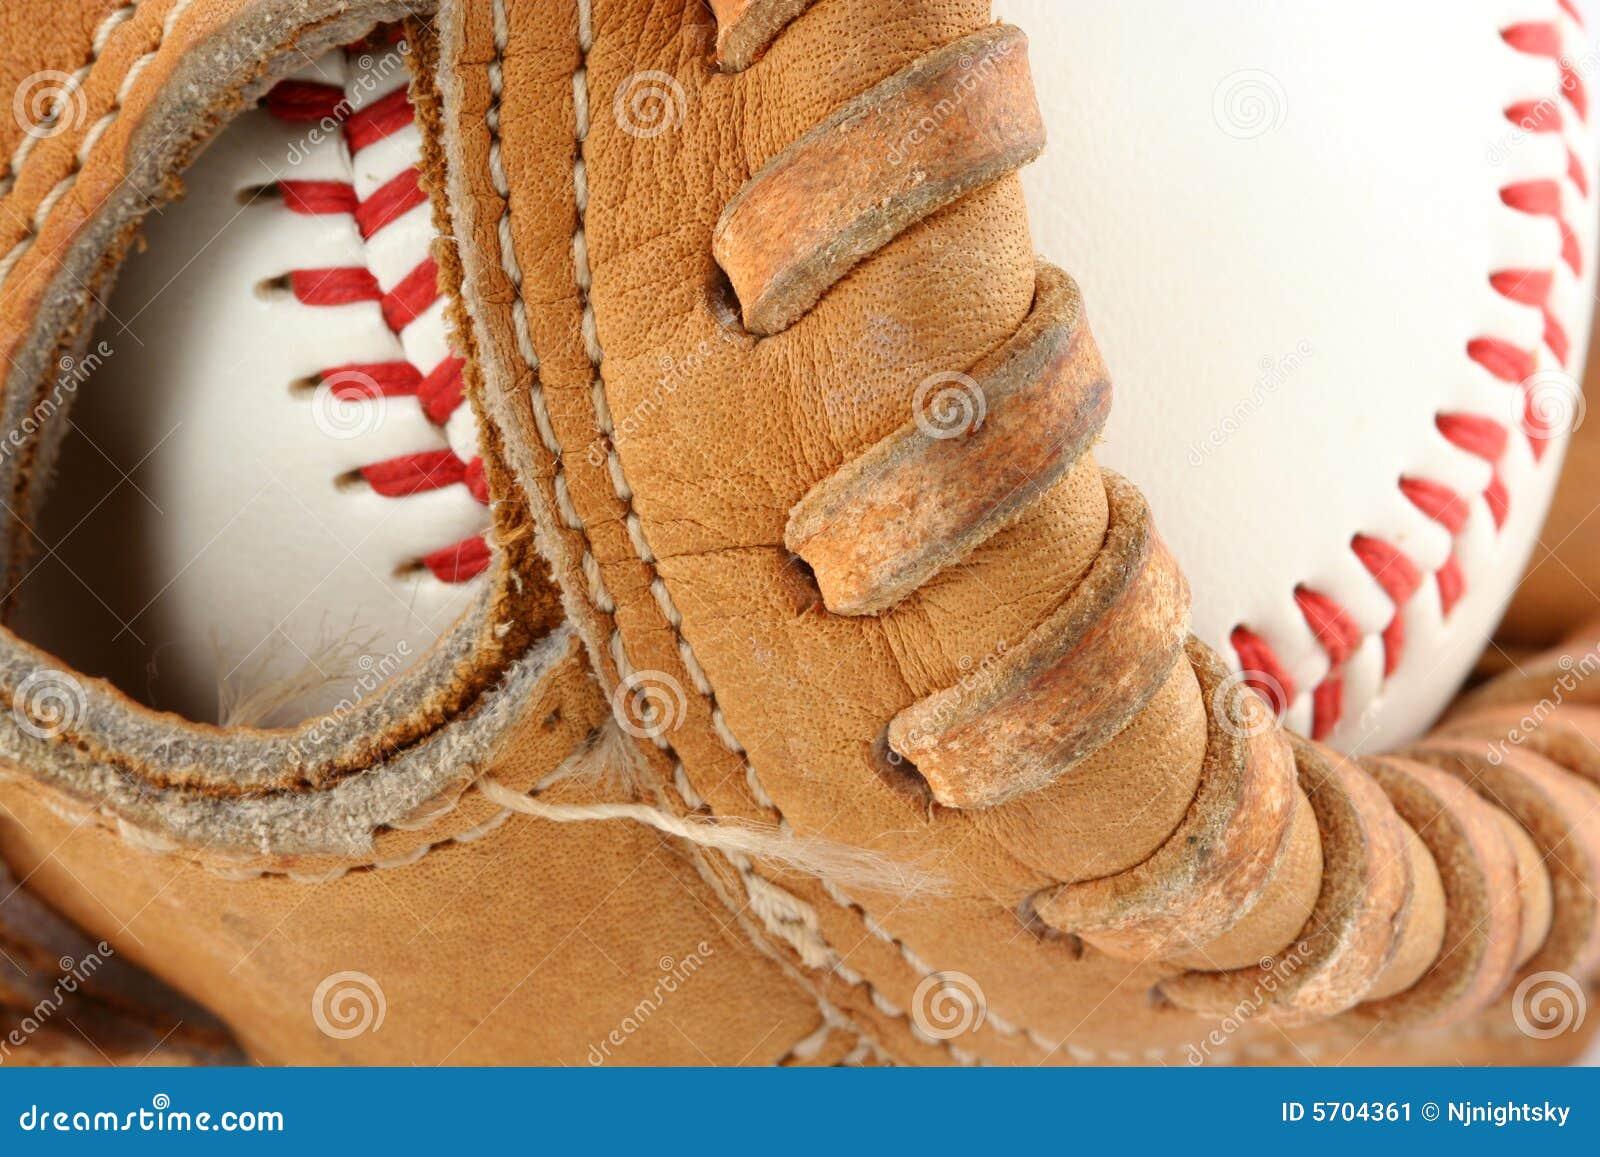 Guante de béisbol con macro de la bola